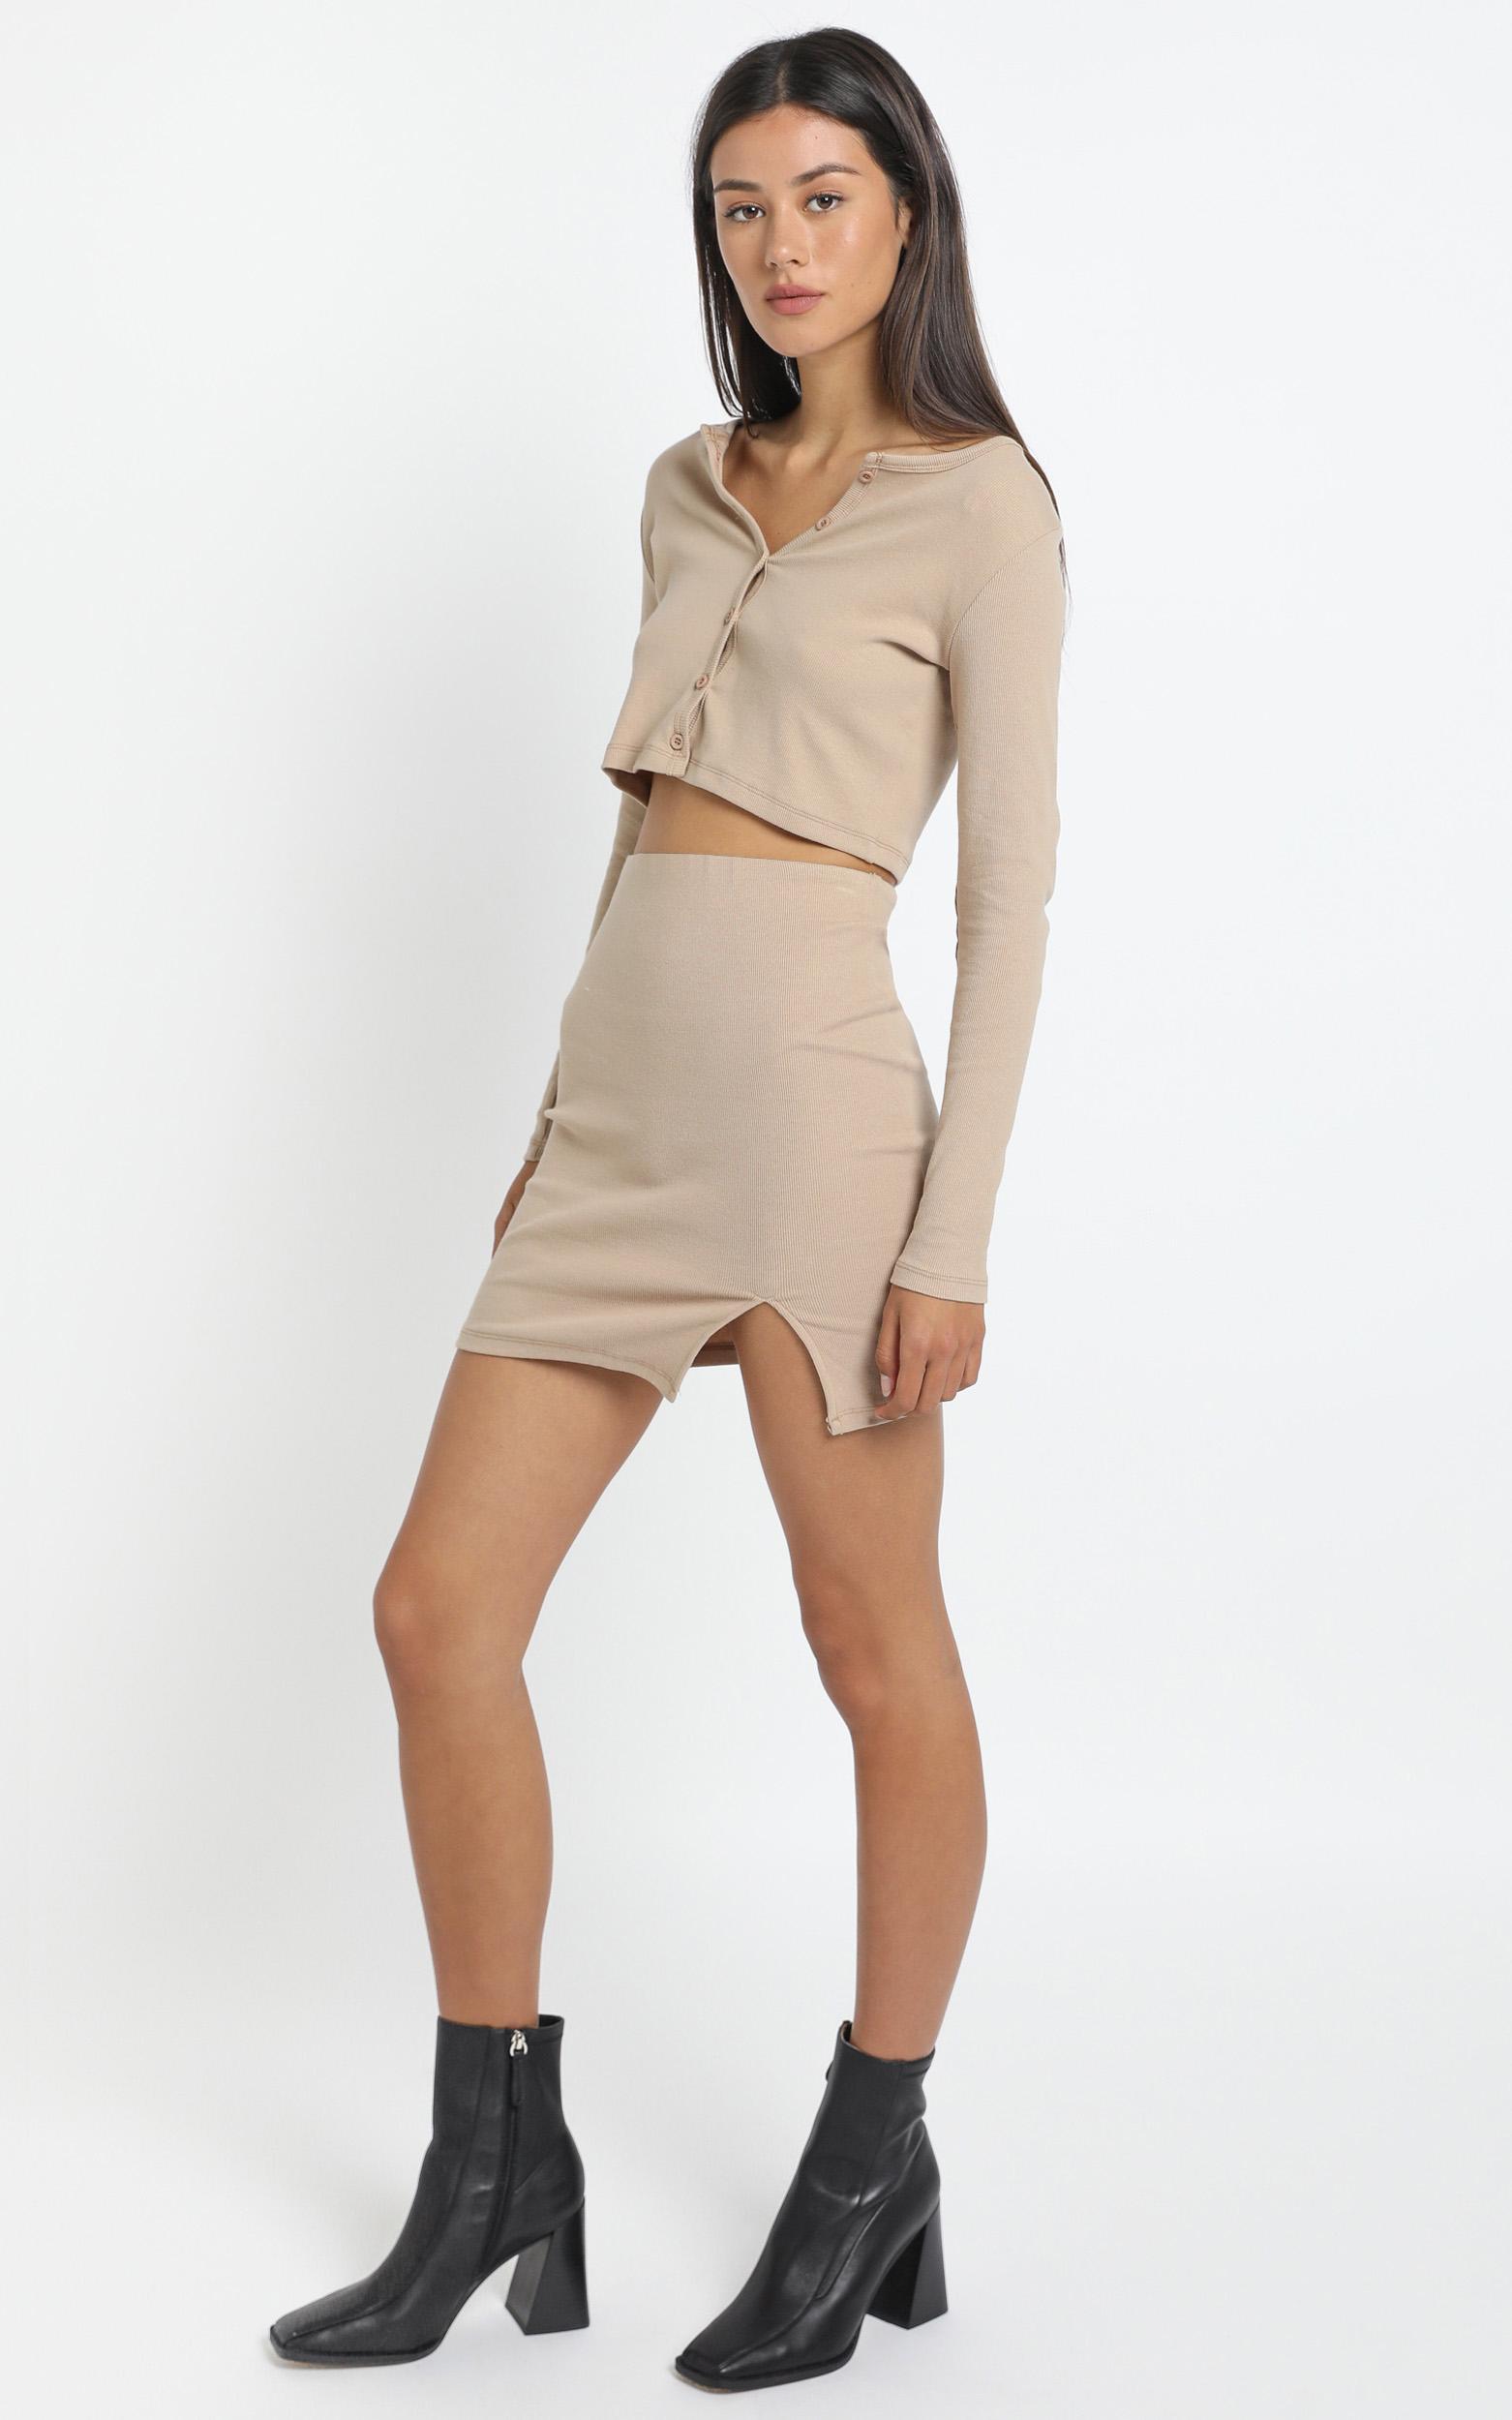 Karah Skirt in Tan - 12 (L), Tan, hi-res image number null